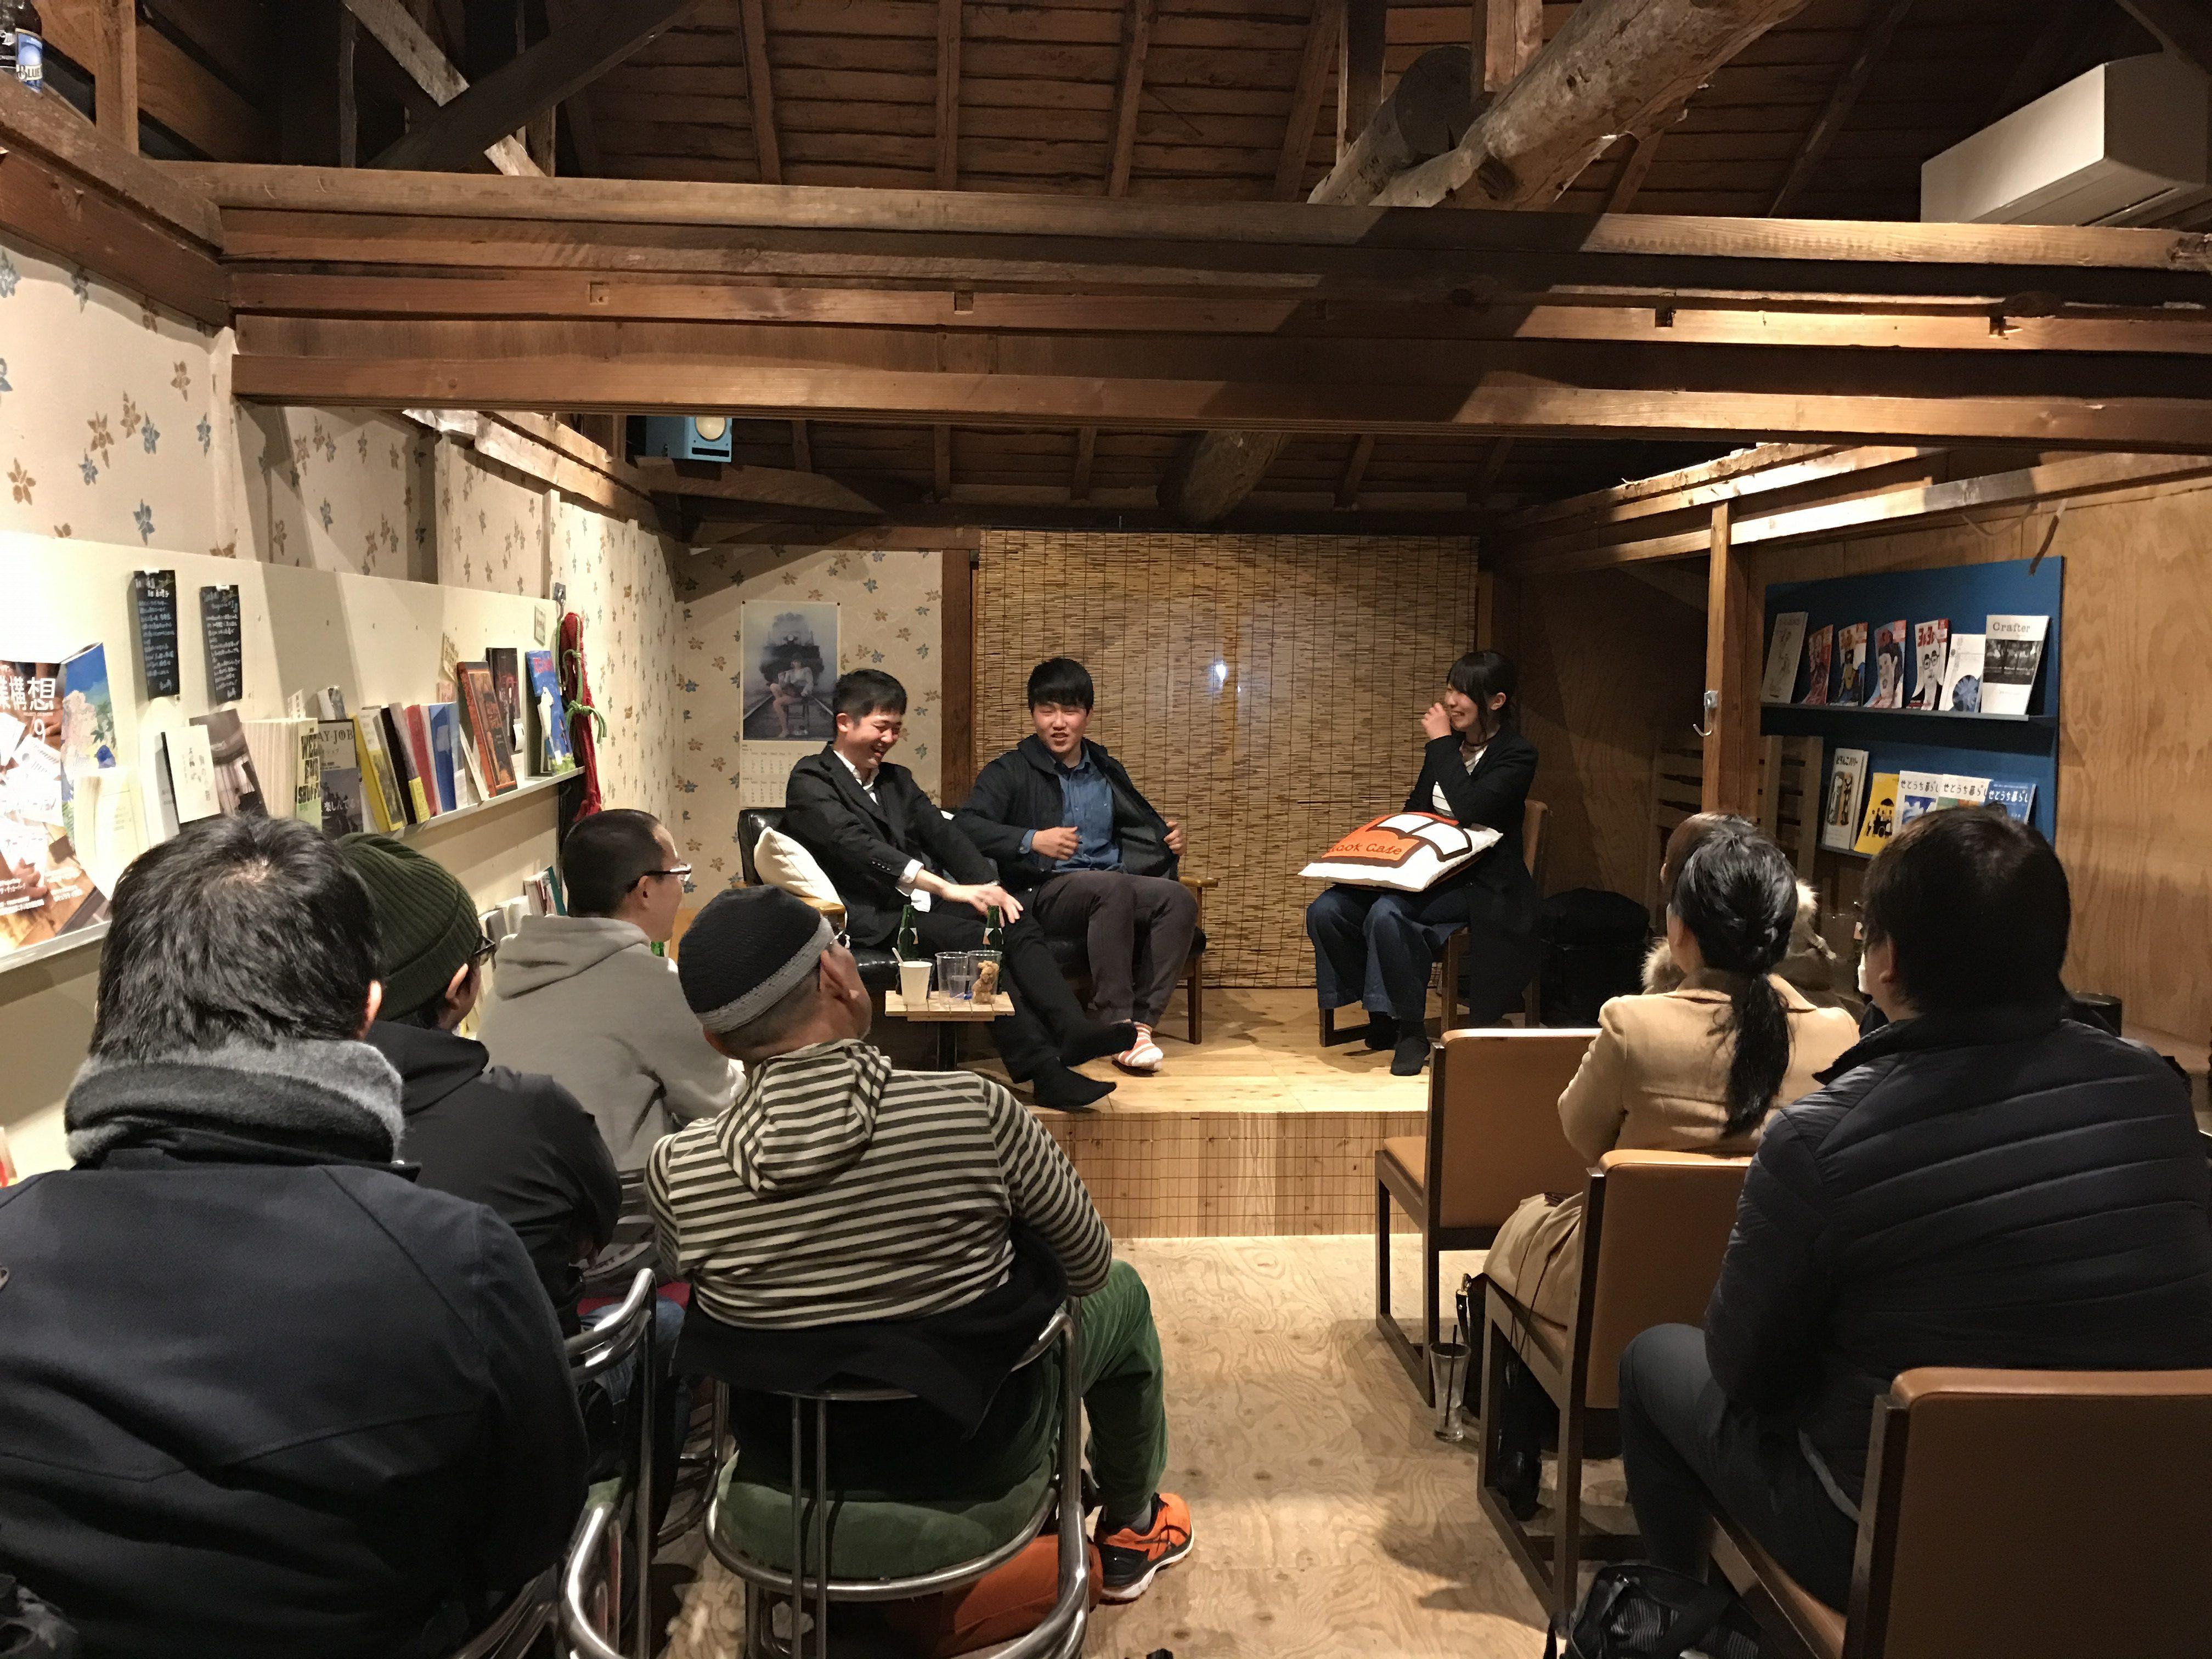 鳥取市のブックカフェ「ホンバコ」で「スーパー高校生の遺言。」を聞いてきた話